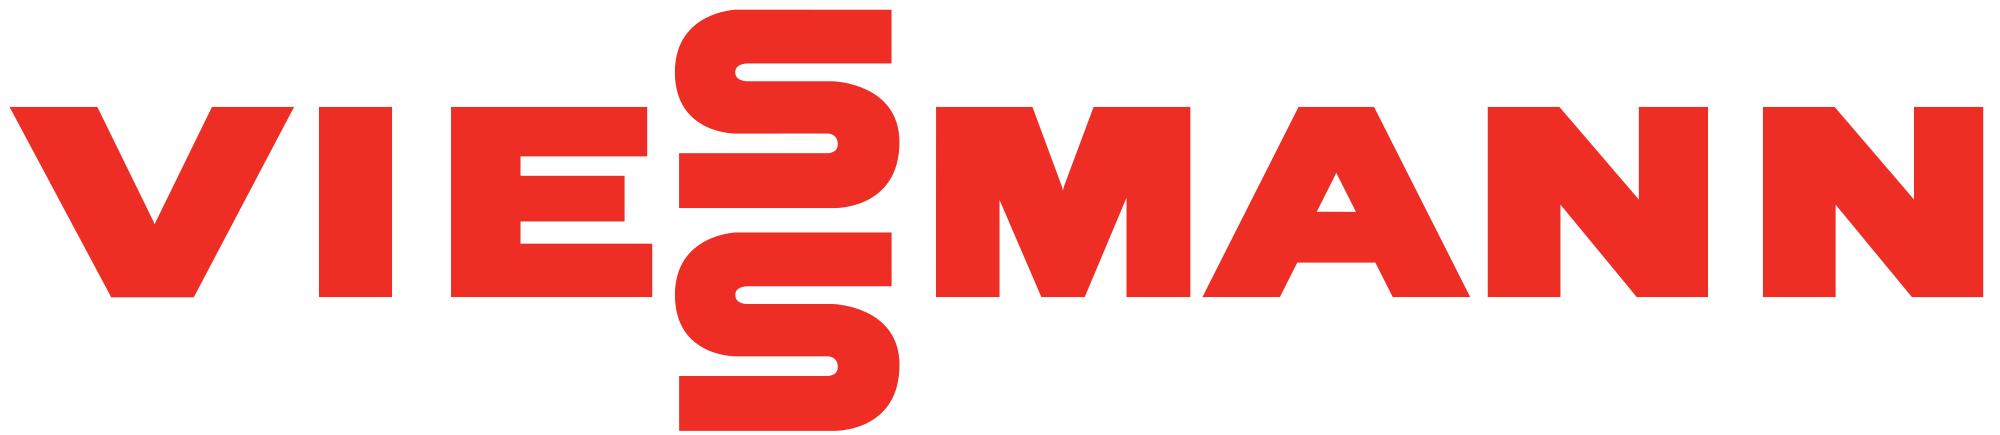 Logo Viessman